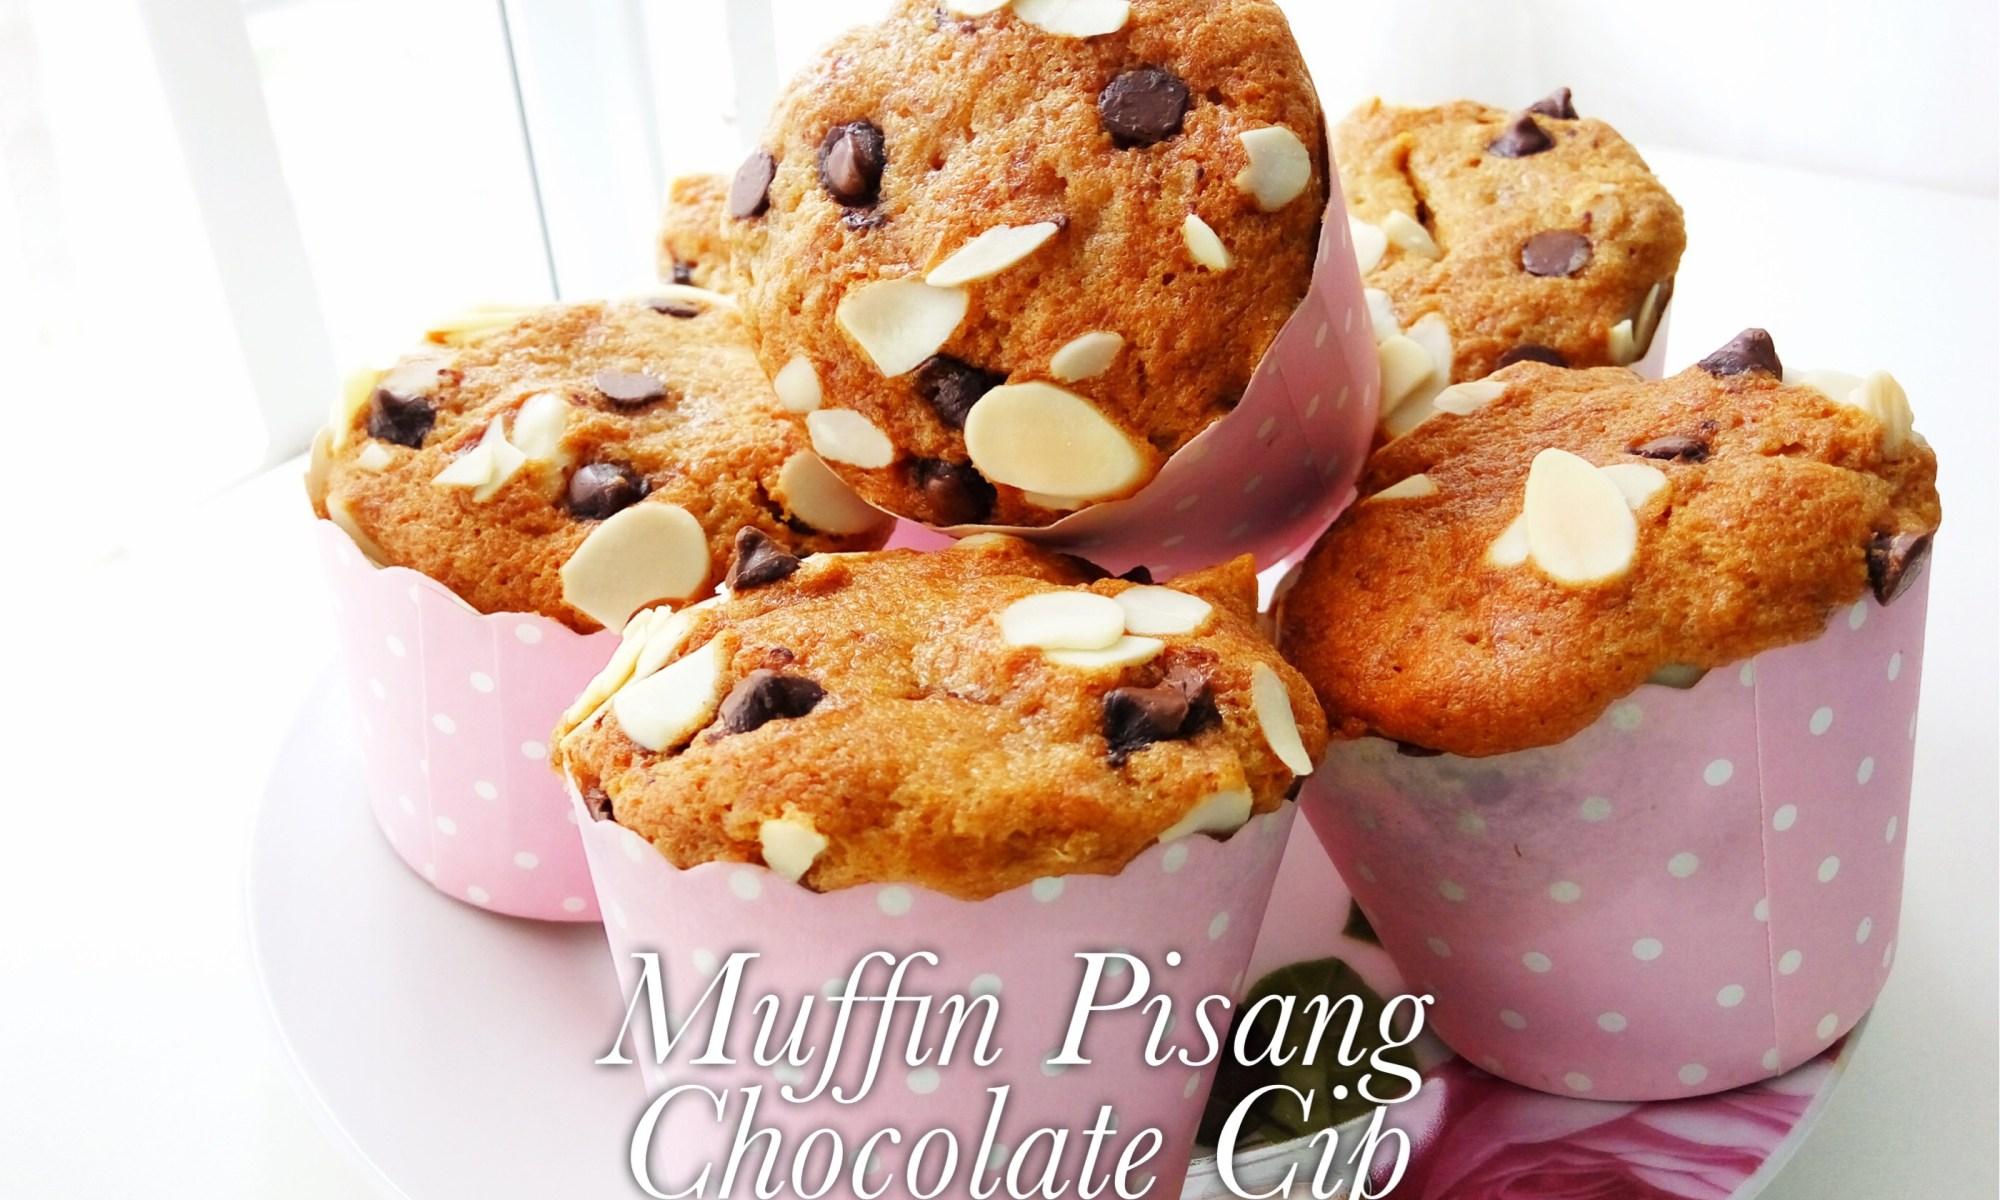 Muffin Pisang Chocolate Chip Mudah Dan Sedap Buat Orang Lapo